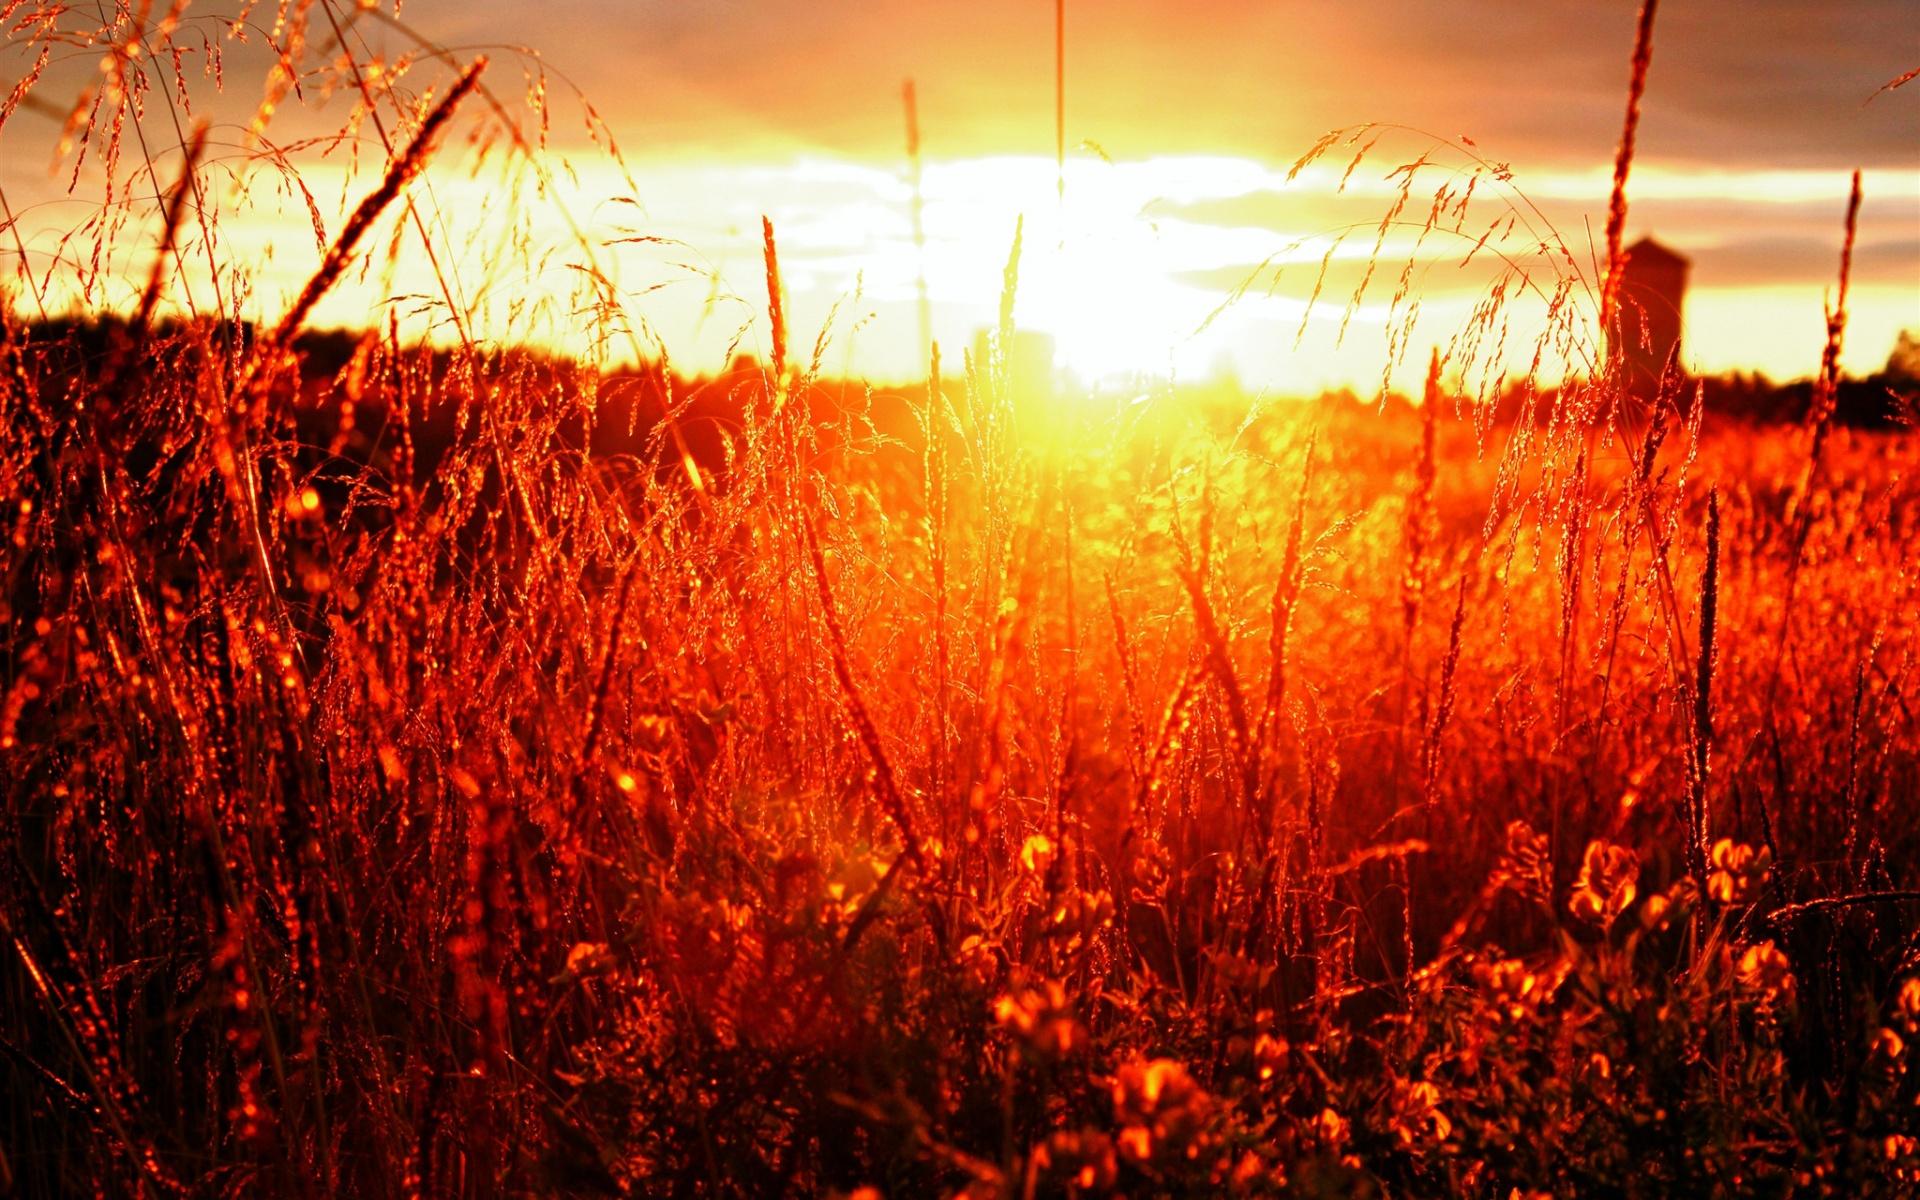 sunshine image